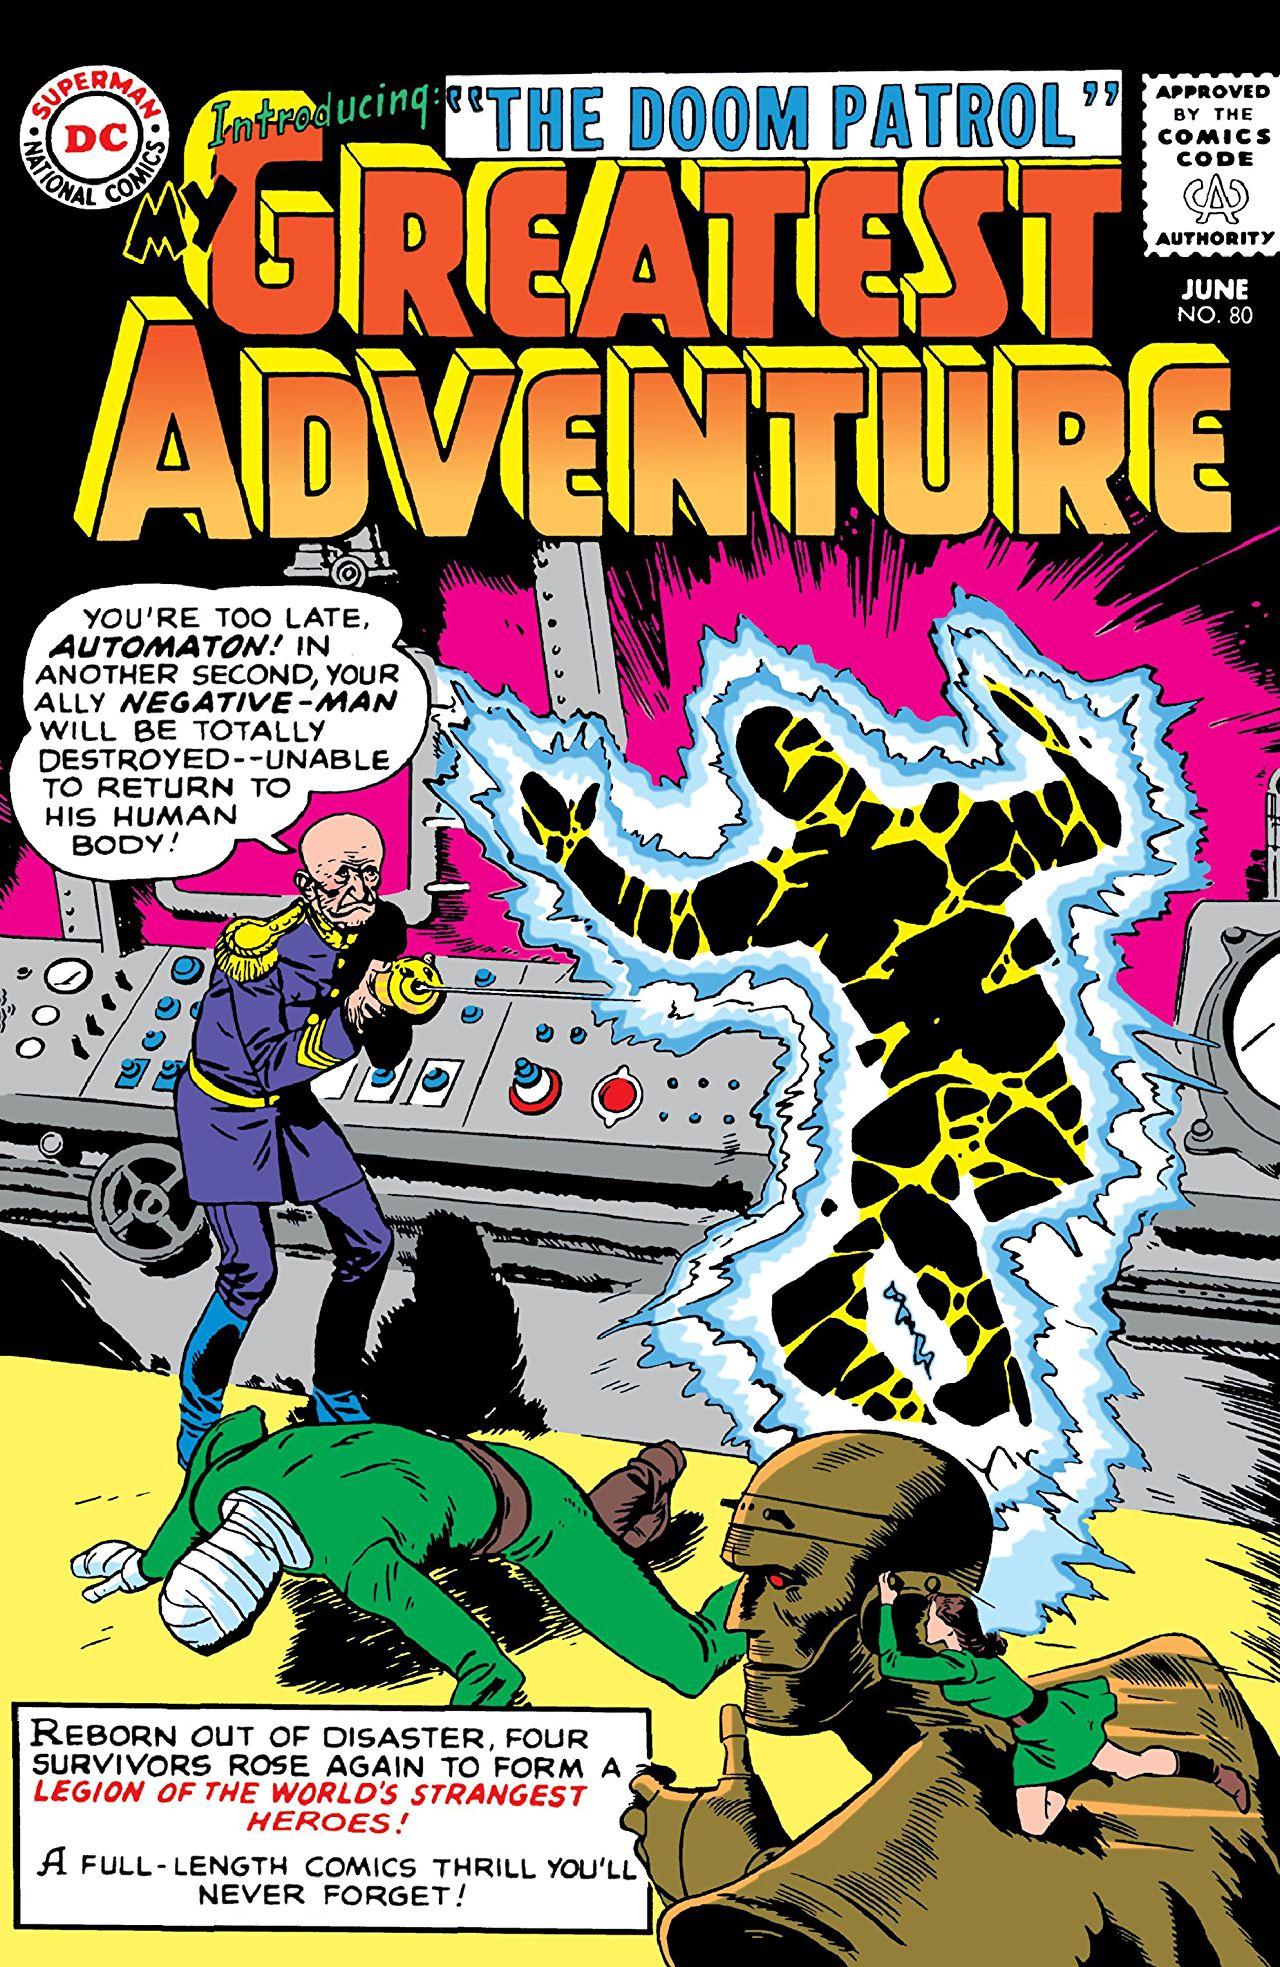 El debut de la Doom Patrol en My Greatest Adventure #80 (junio de 1963). Imagen: comiXology